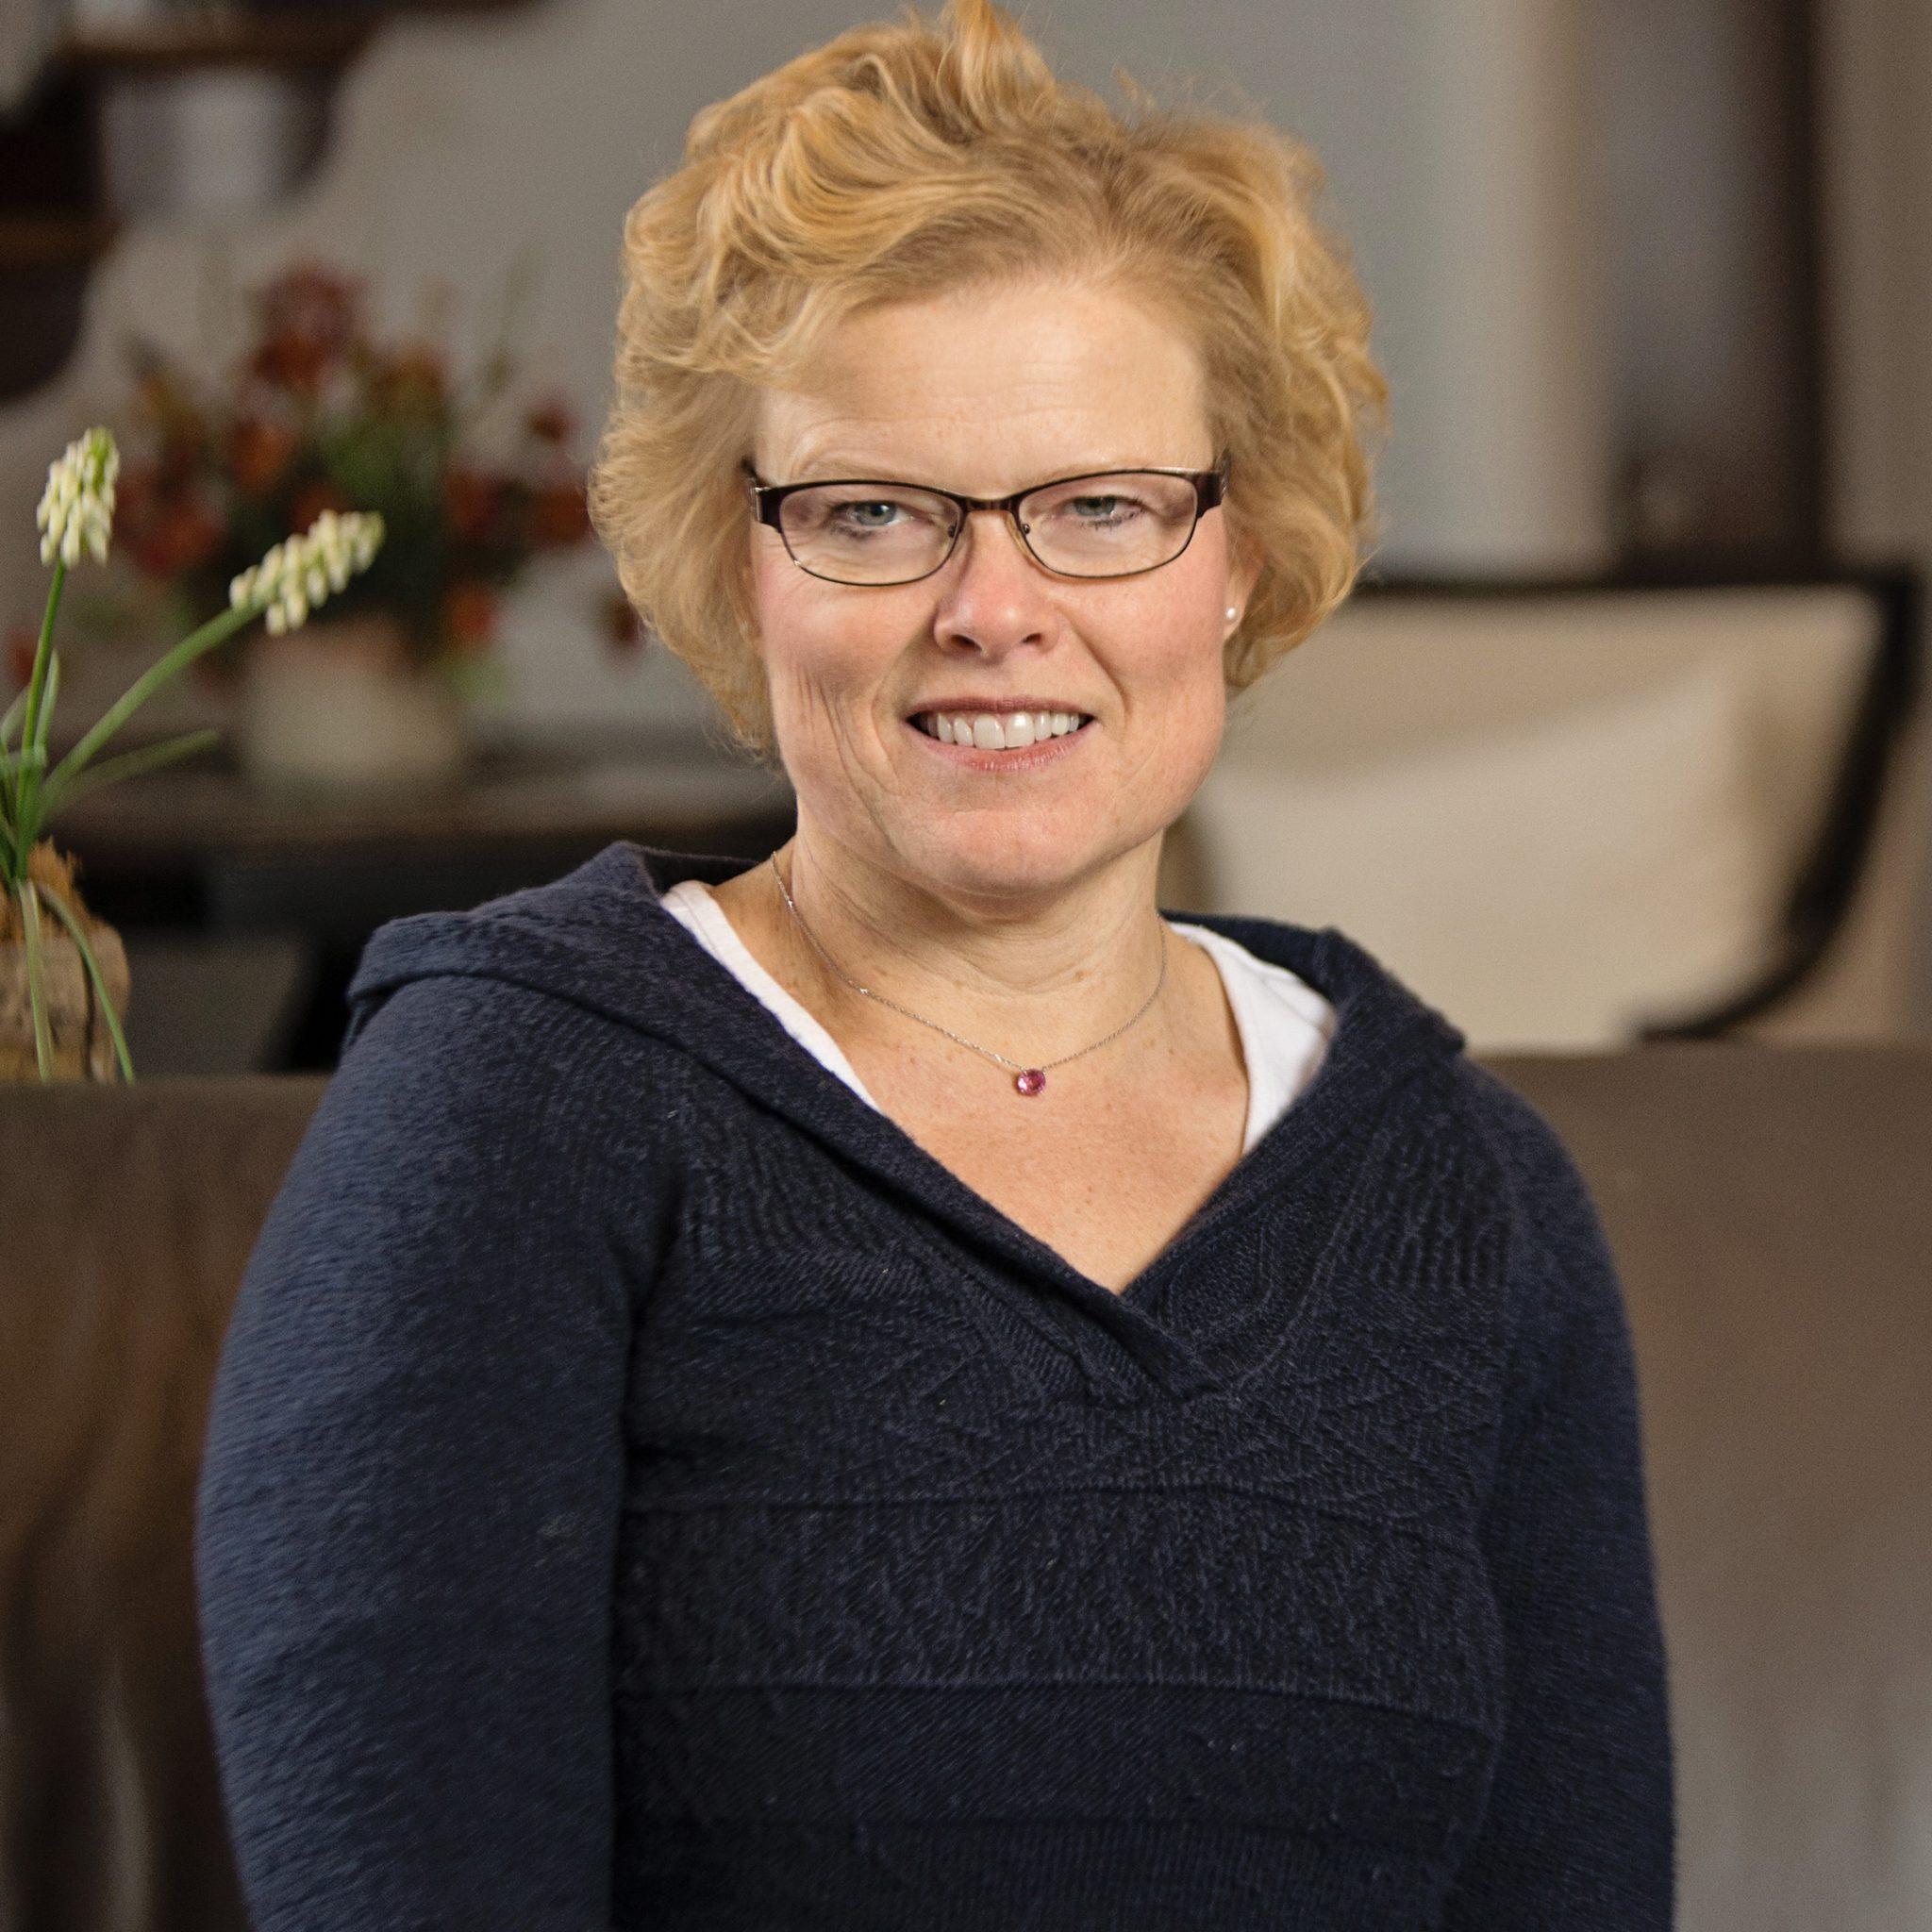 Debbie 2020.jpg-2020-2-19 14.38.21